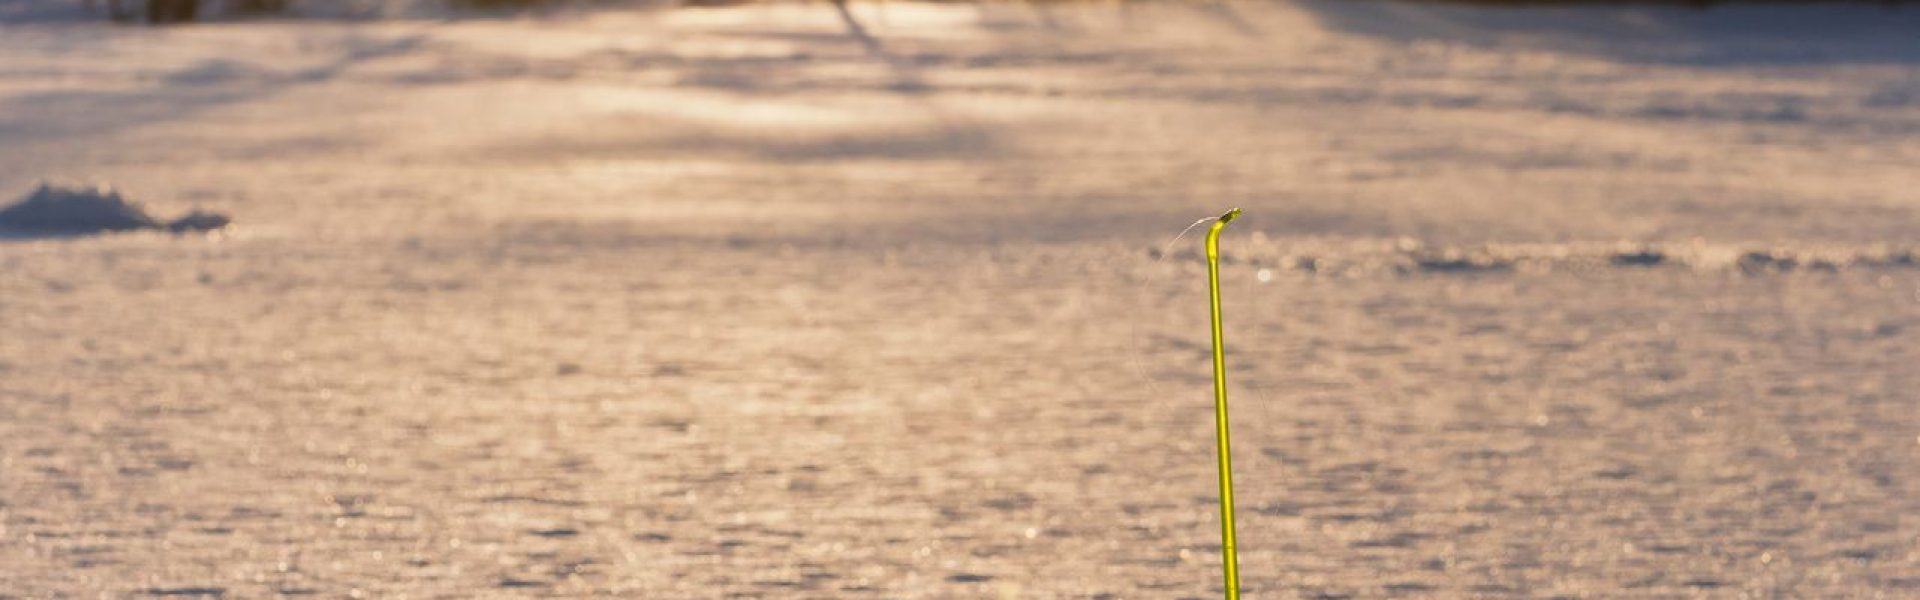 Зимние рыболовные туры на снегоходах в 2021/2022 году!